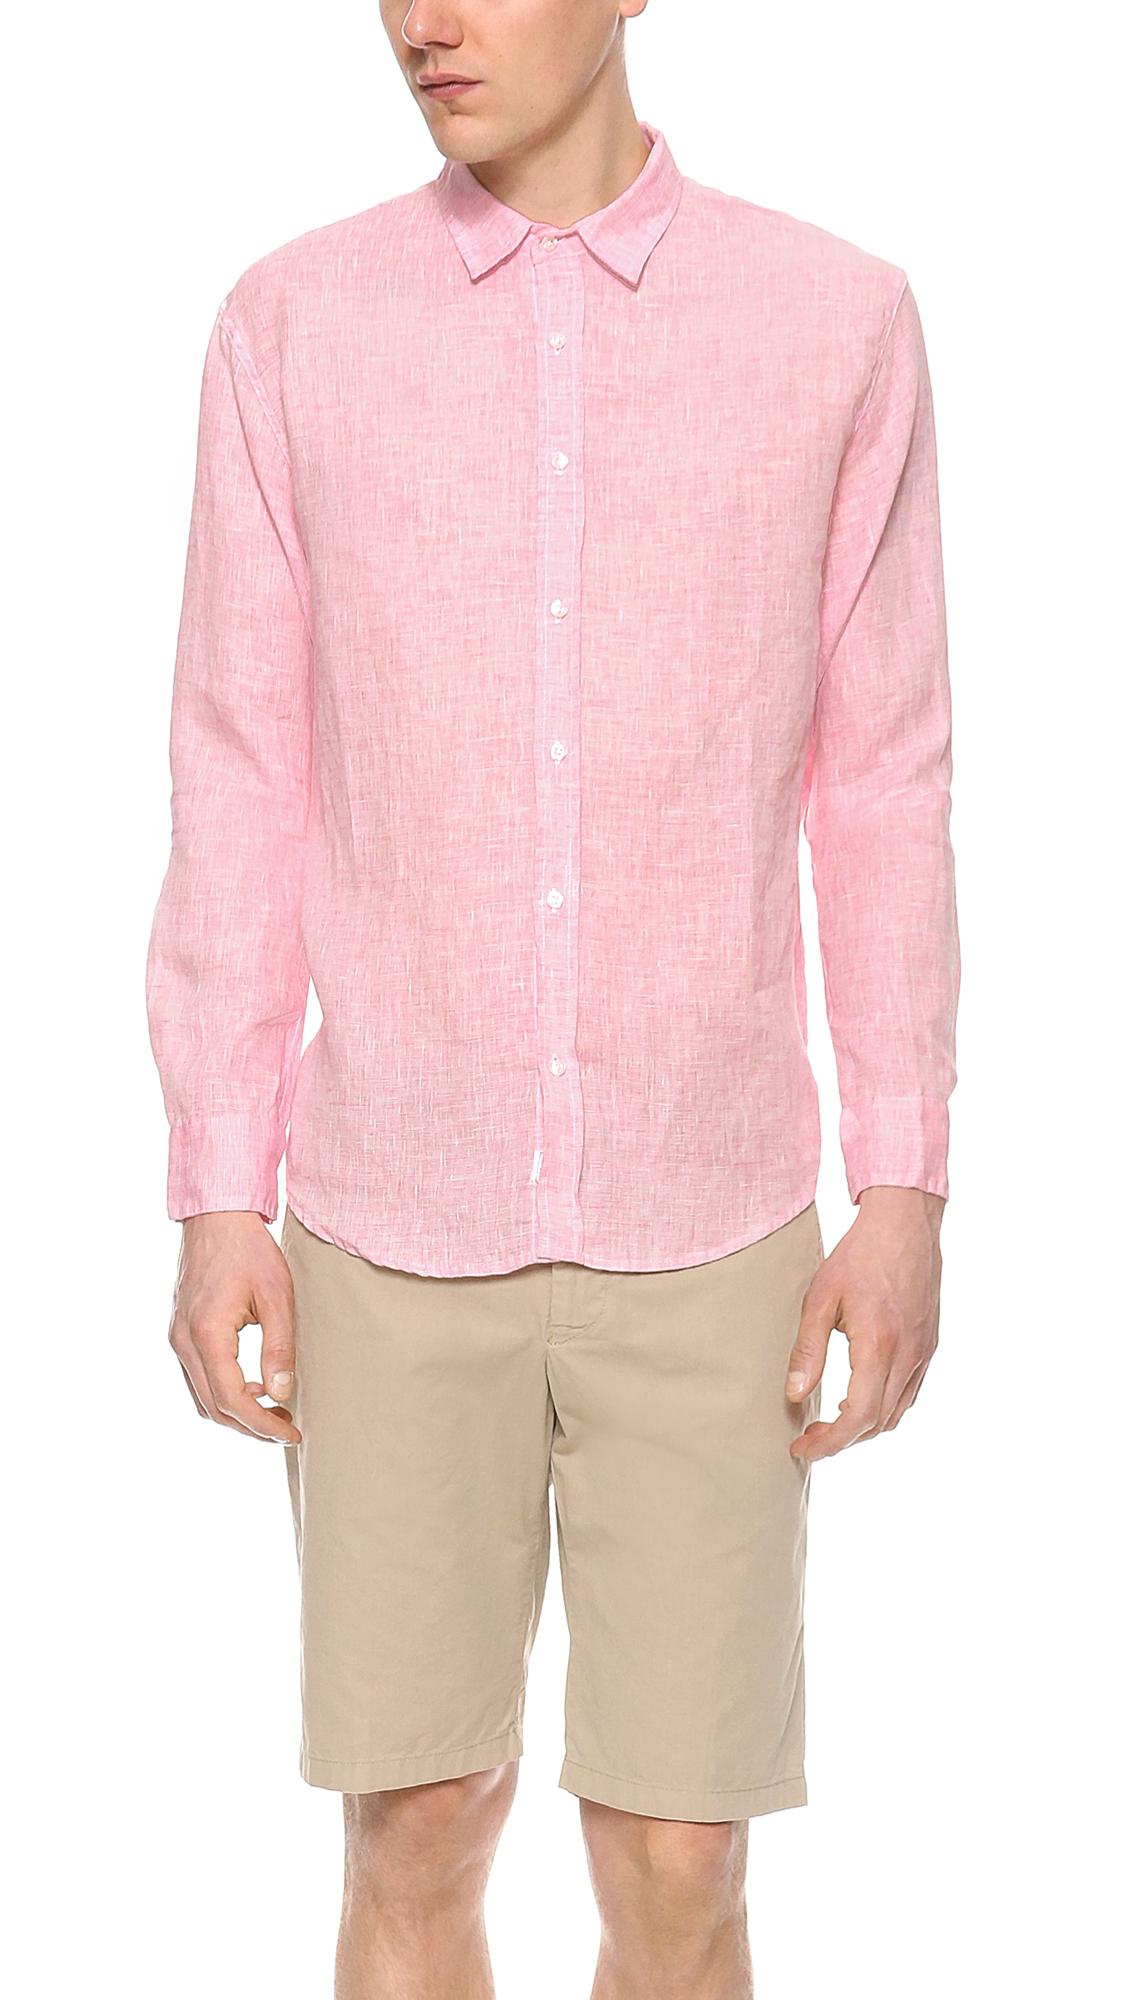 Frank Eileen Paul Linen Shirt East Dane